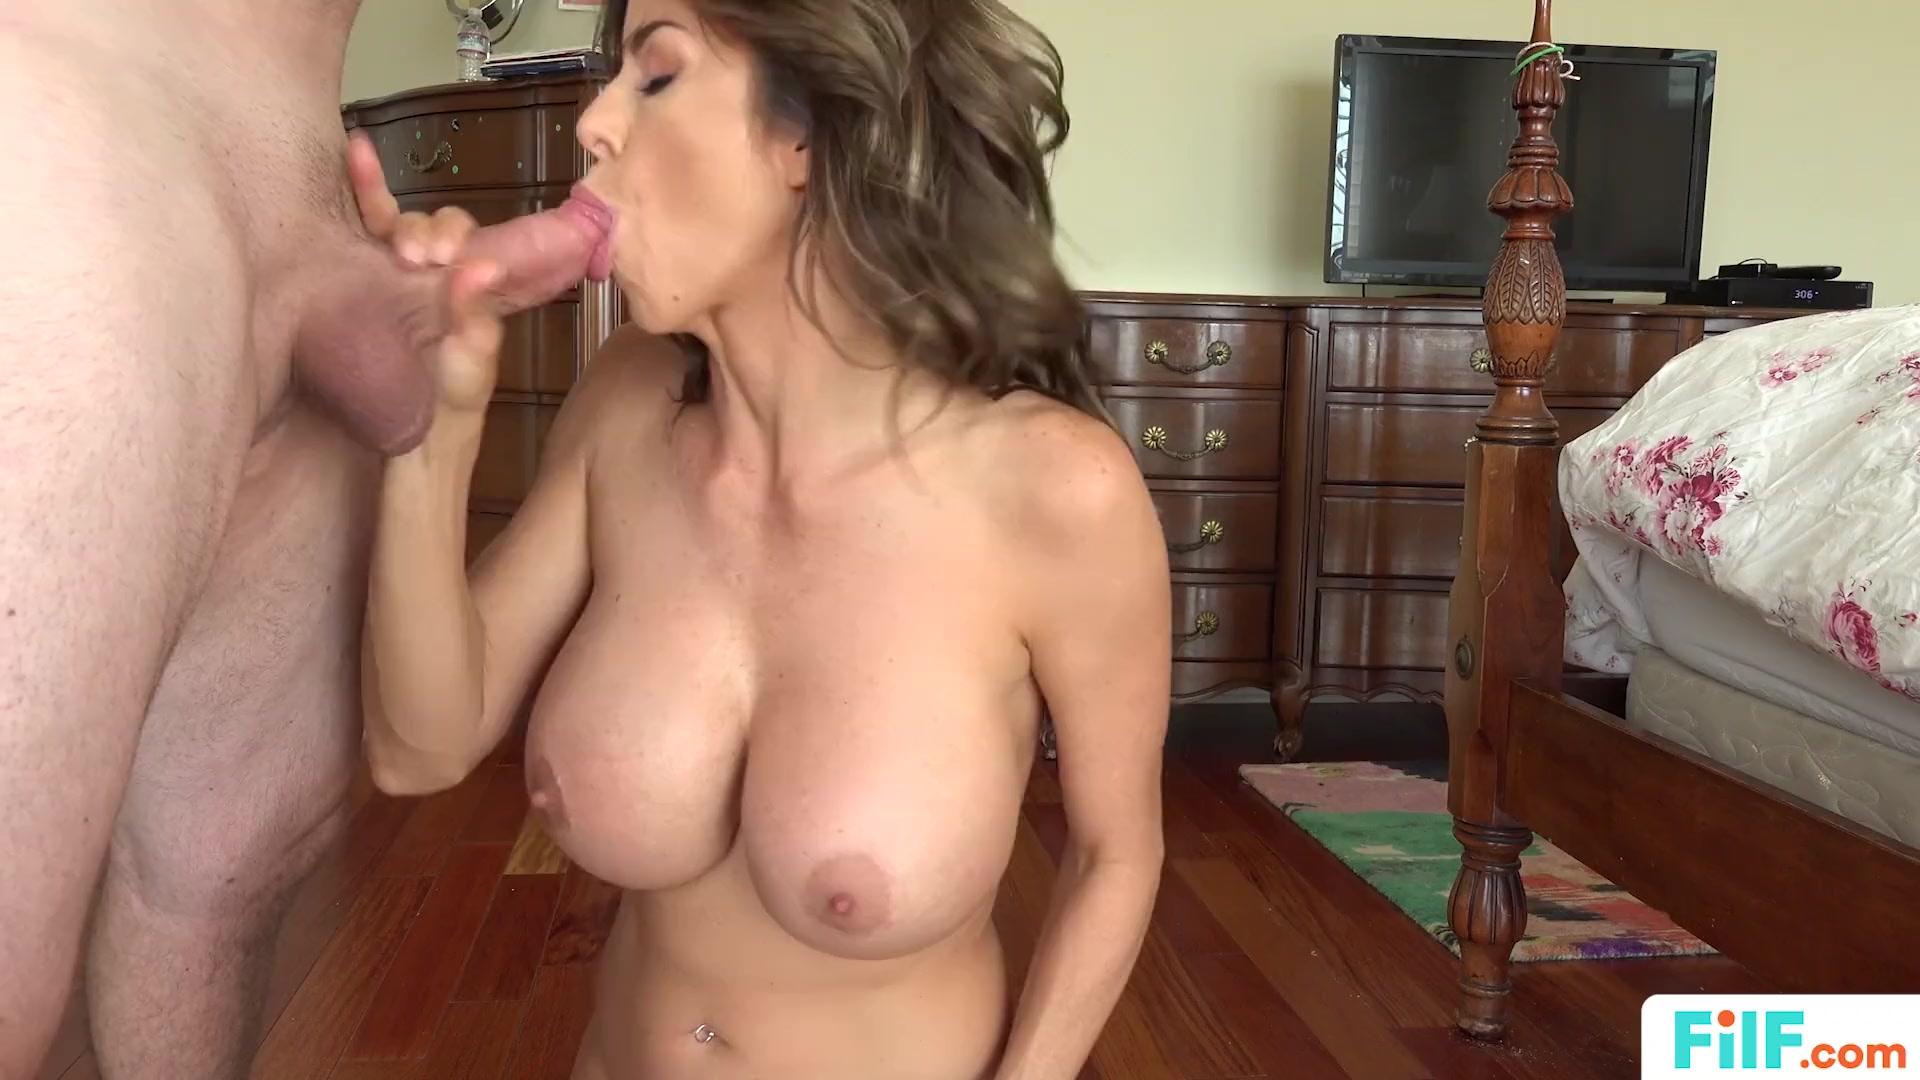 Alix lunch time fuck pov porn videos